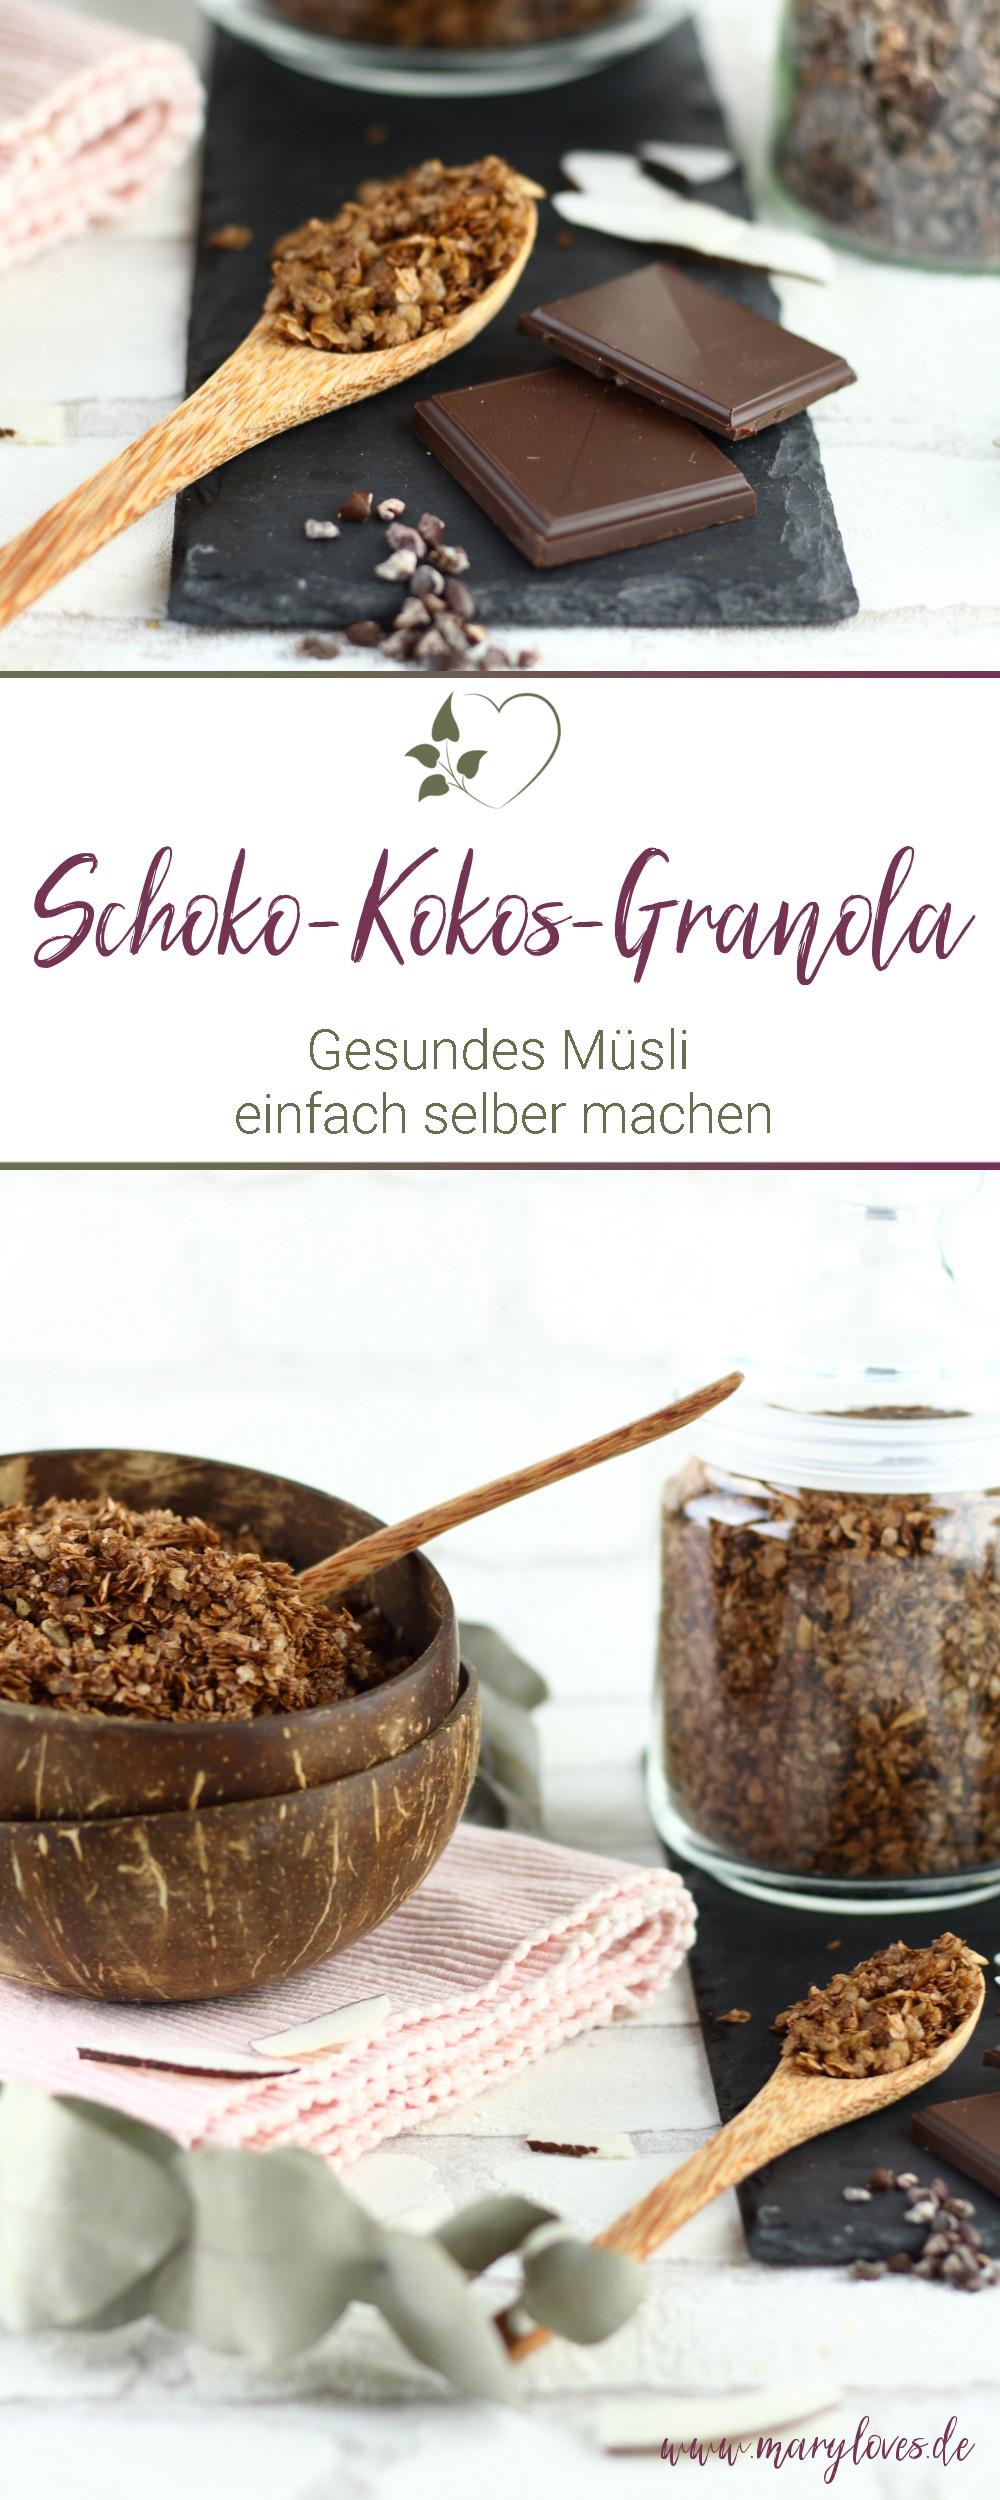 Schoko-Kokos-Granola als gesundes Frühstück - #granola #müsli #zuckerfrei #vegan #schokokokosgranola #schokomüsli #schokogranola